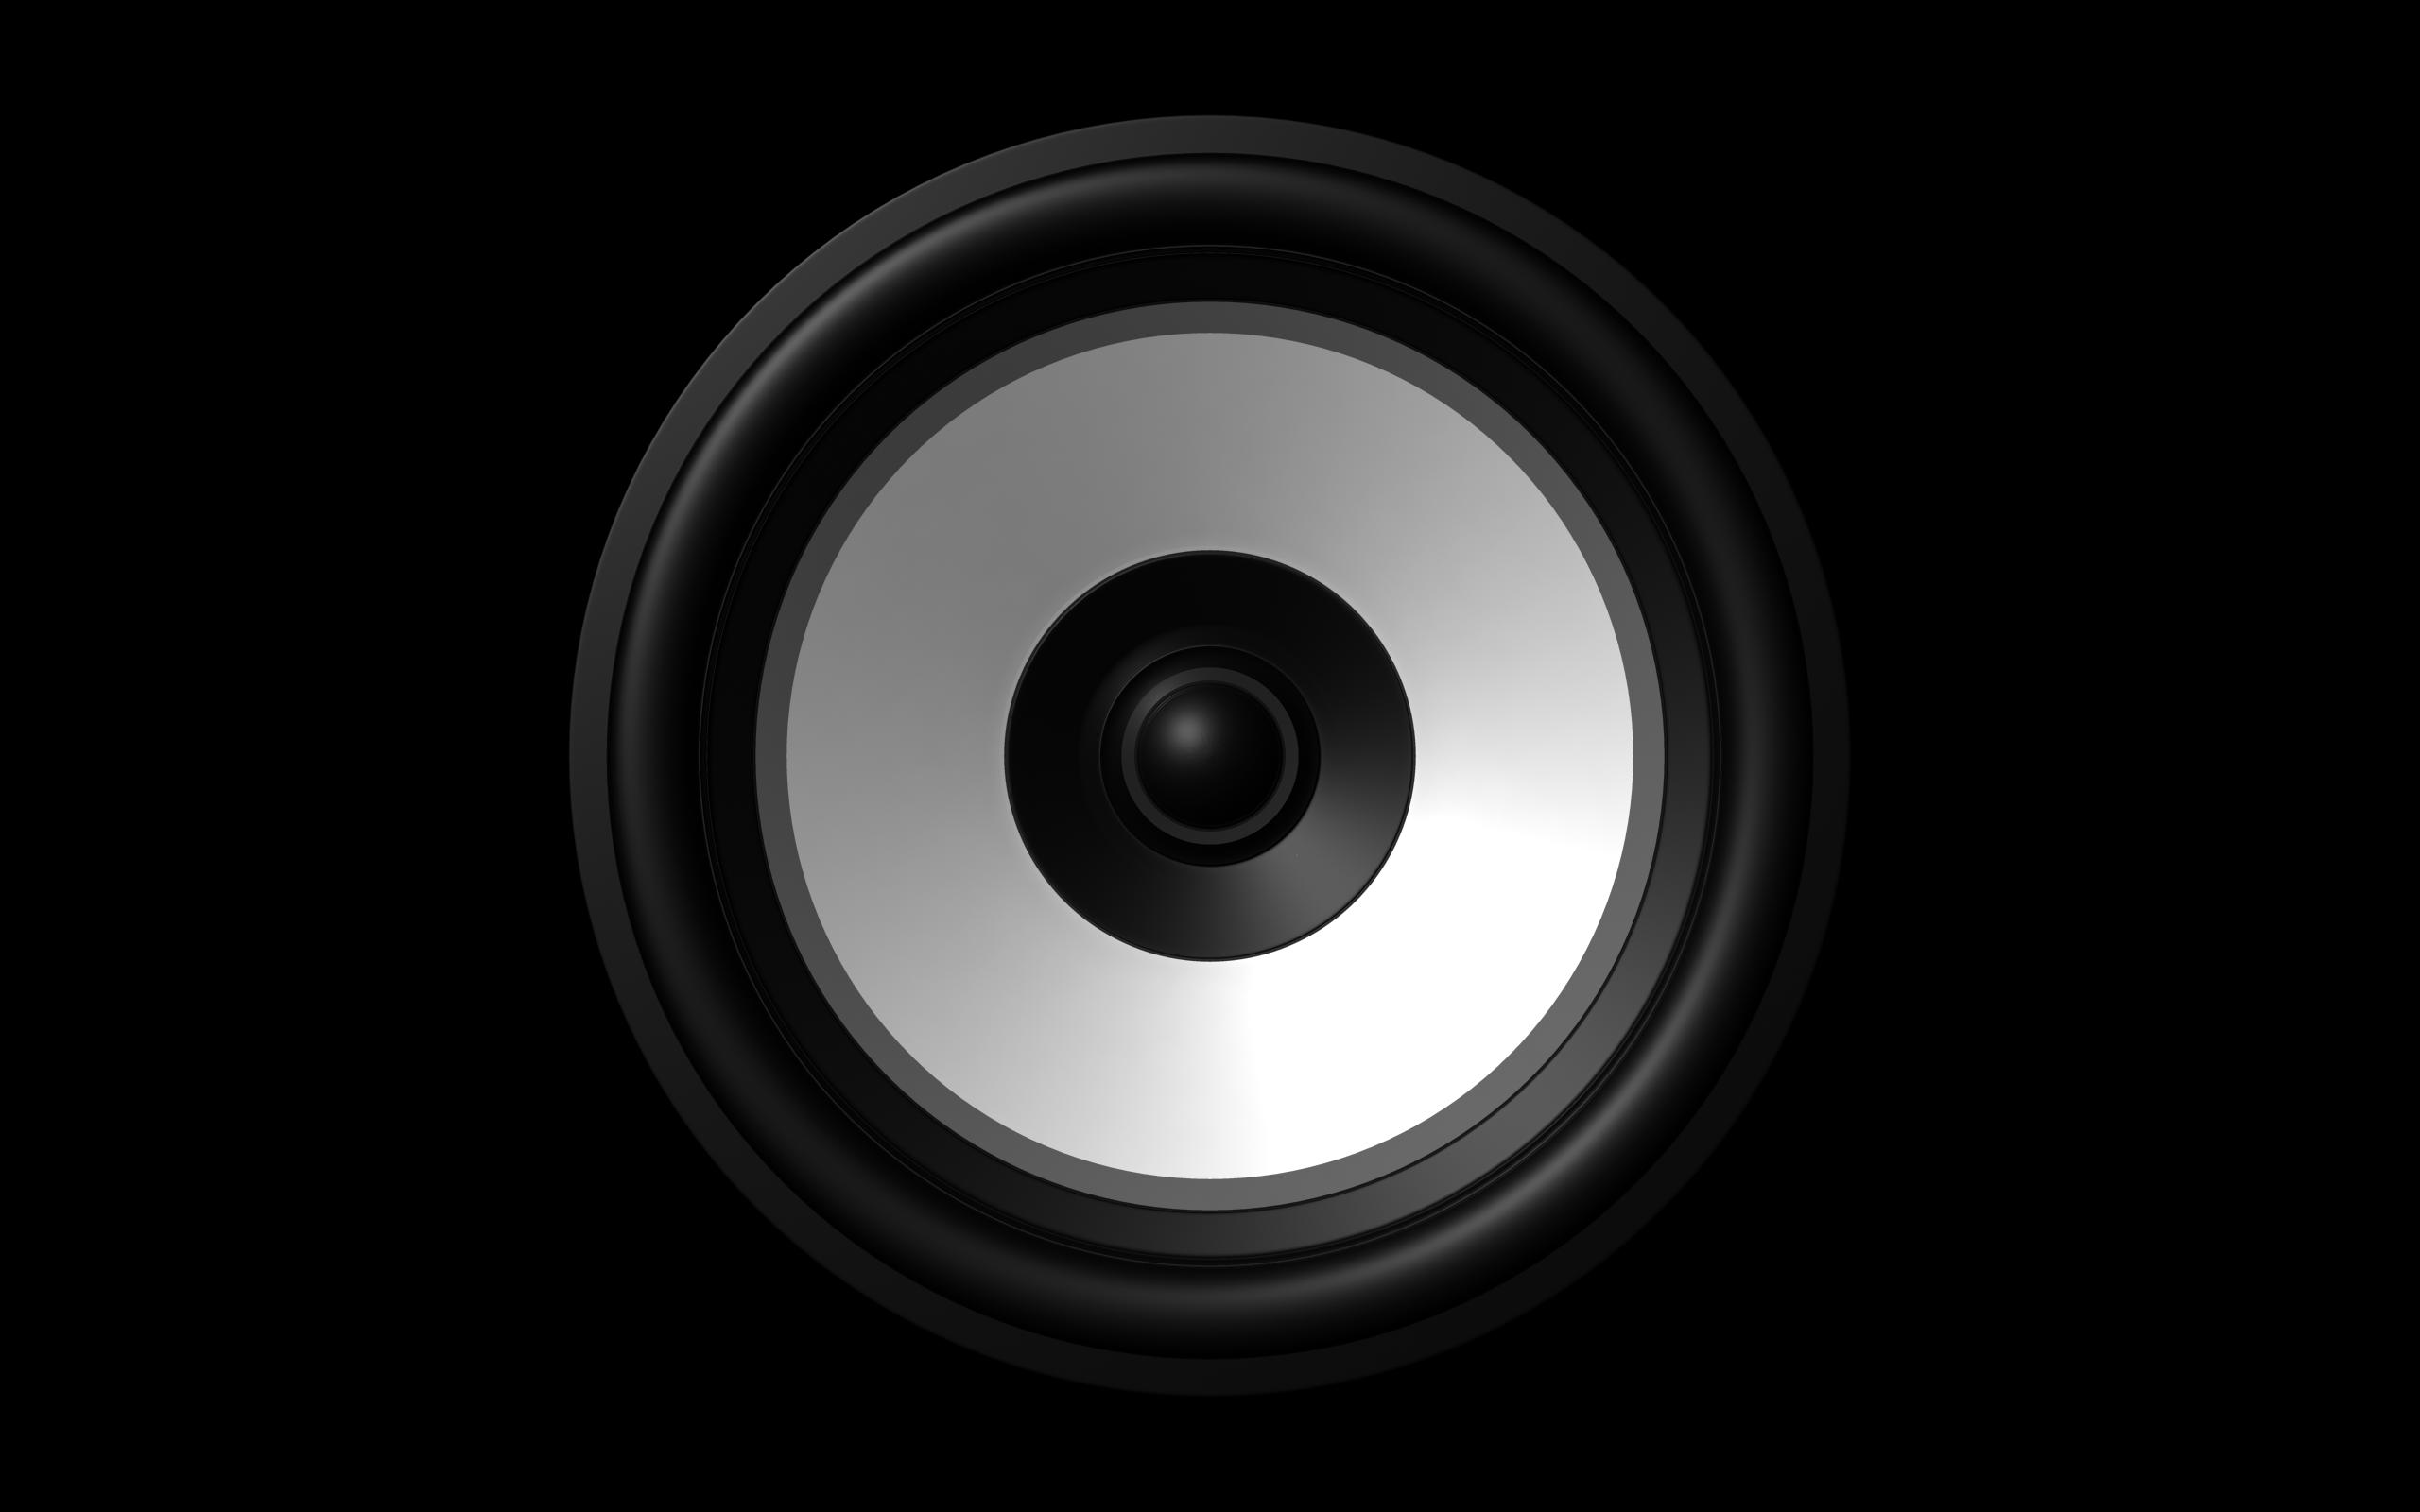 Speaker HD PNG Transparent Speaker HD.PNG Images..